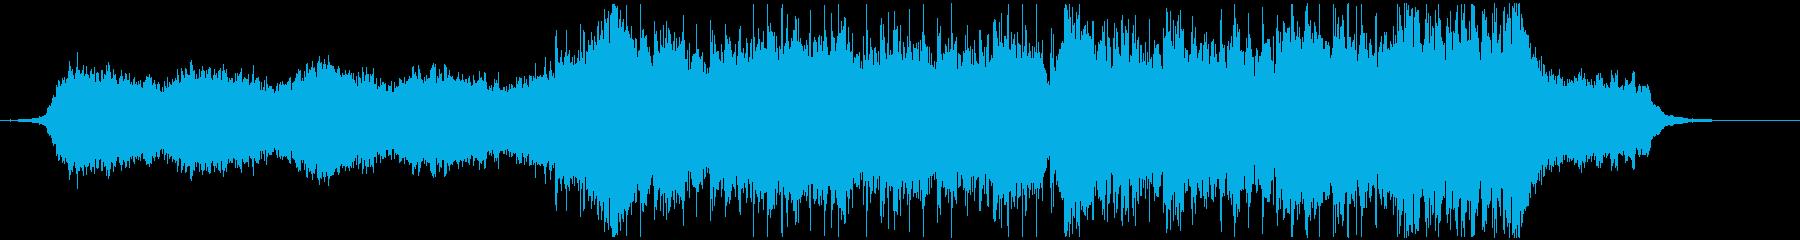 荘厳なクワイアのトレイラー風BGMの再生済みの波形